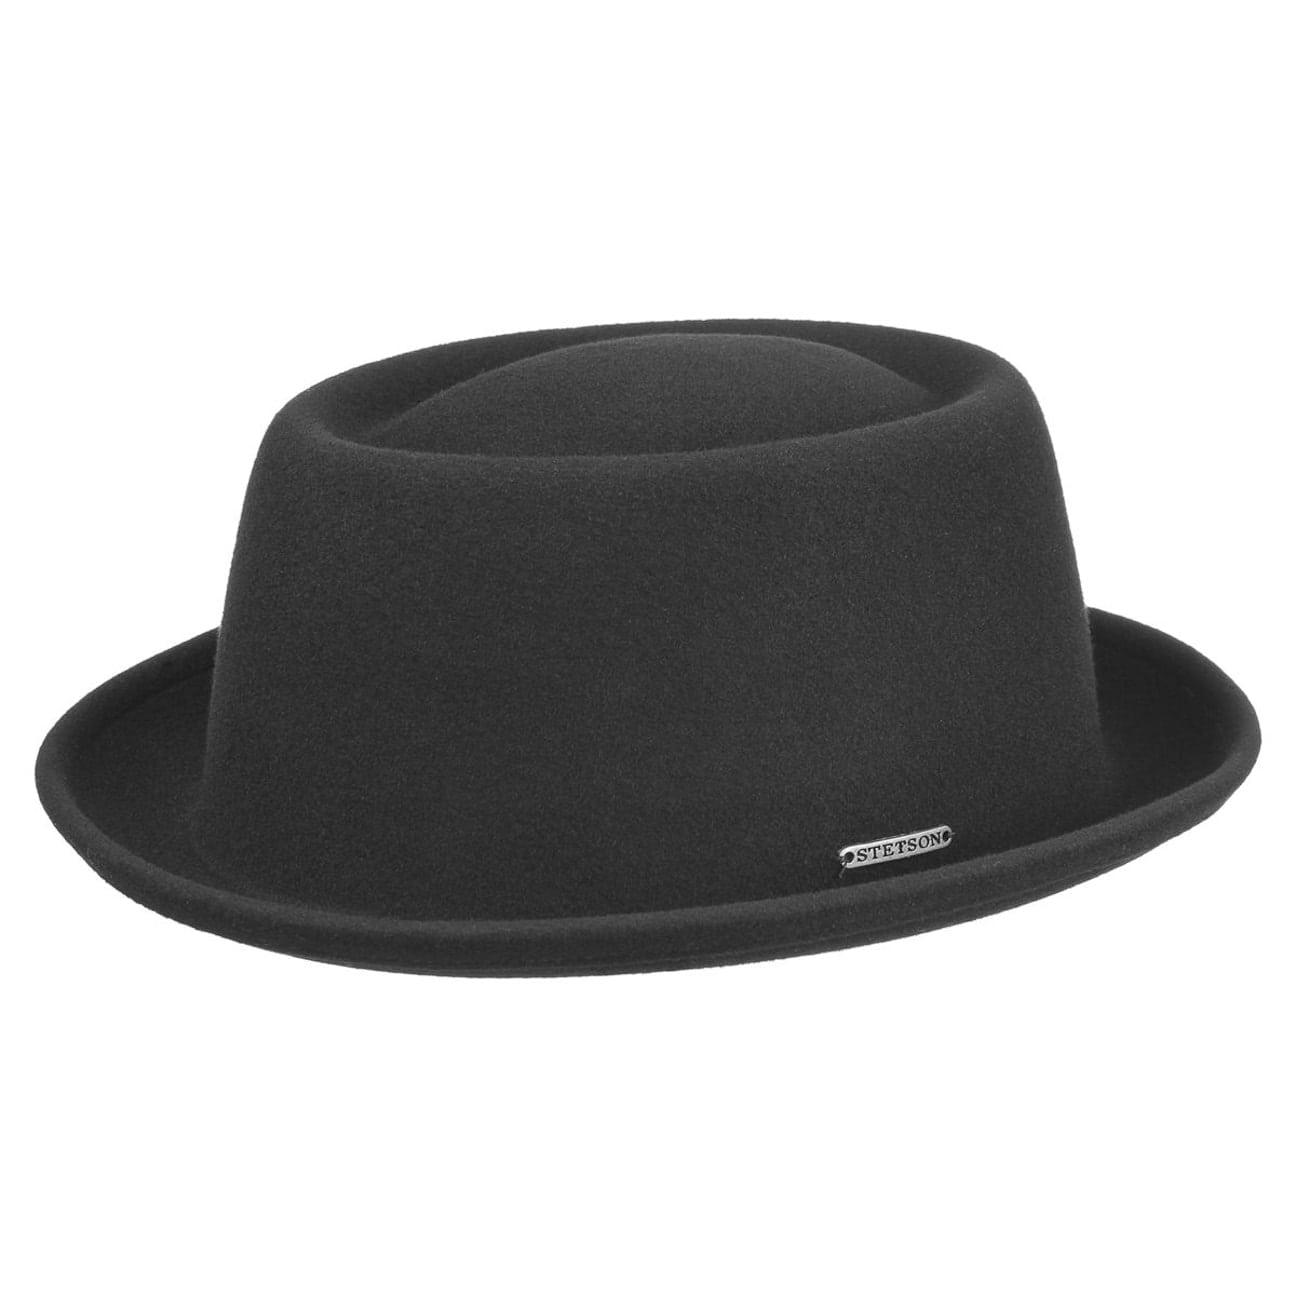 cameron vitafelt pork pie hat by stetson gbp 119 00 hats caps beanies shop online. Black Bedroom Furniture Sets. Home Design Ideas